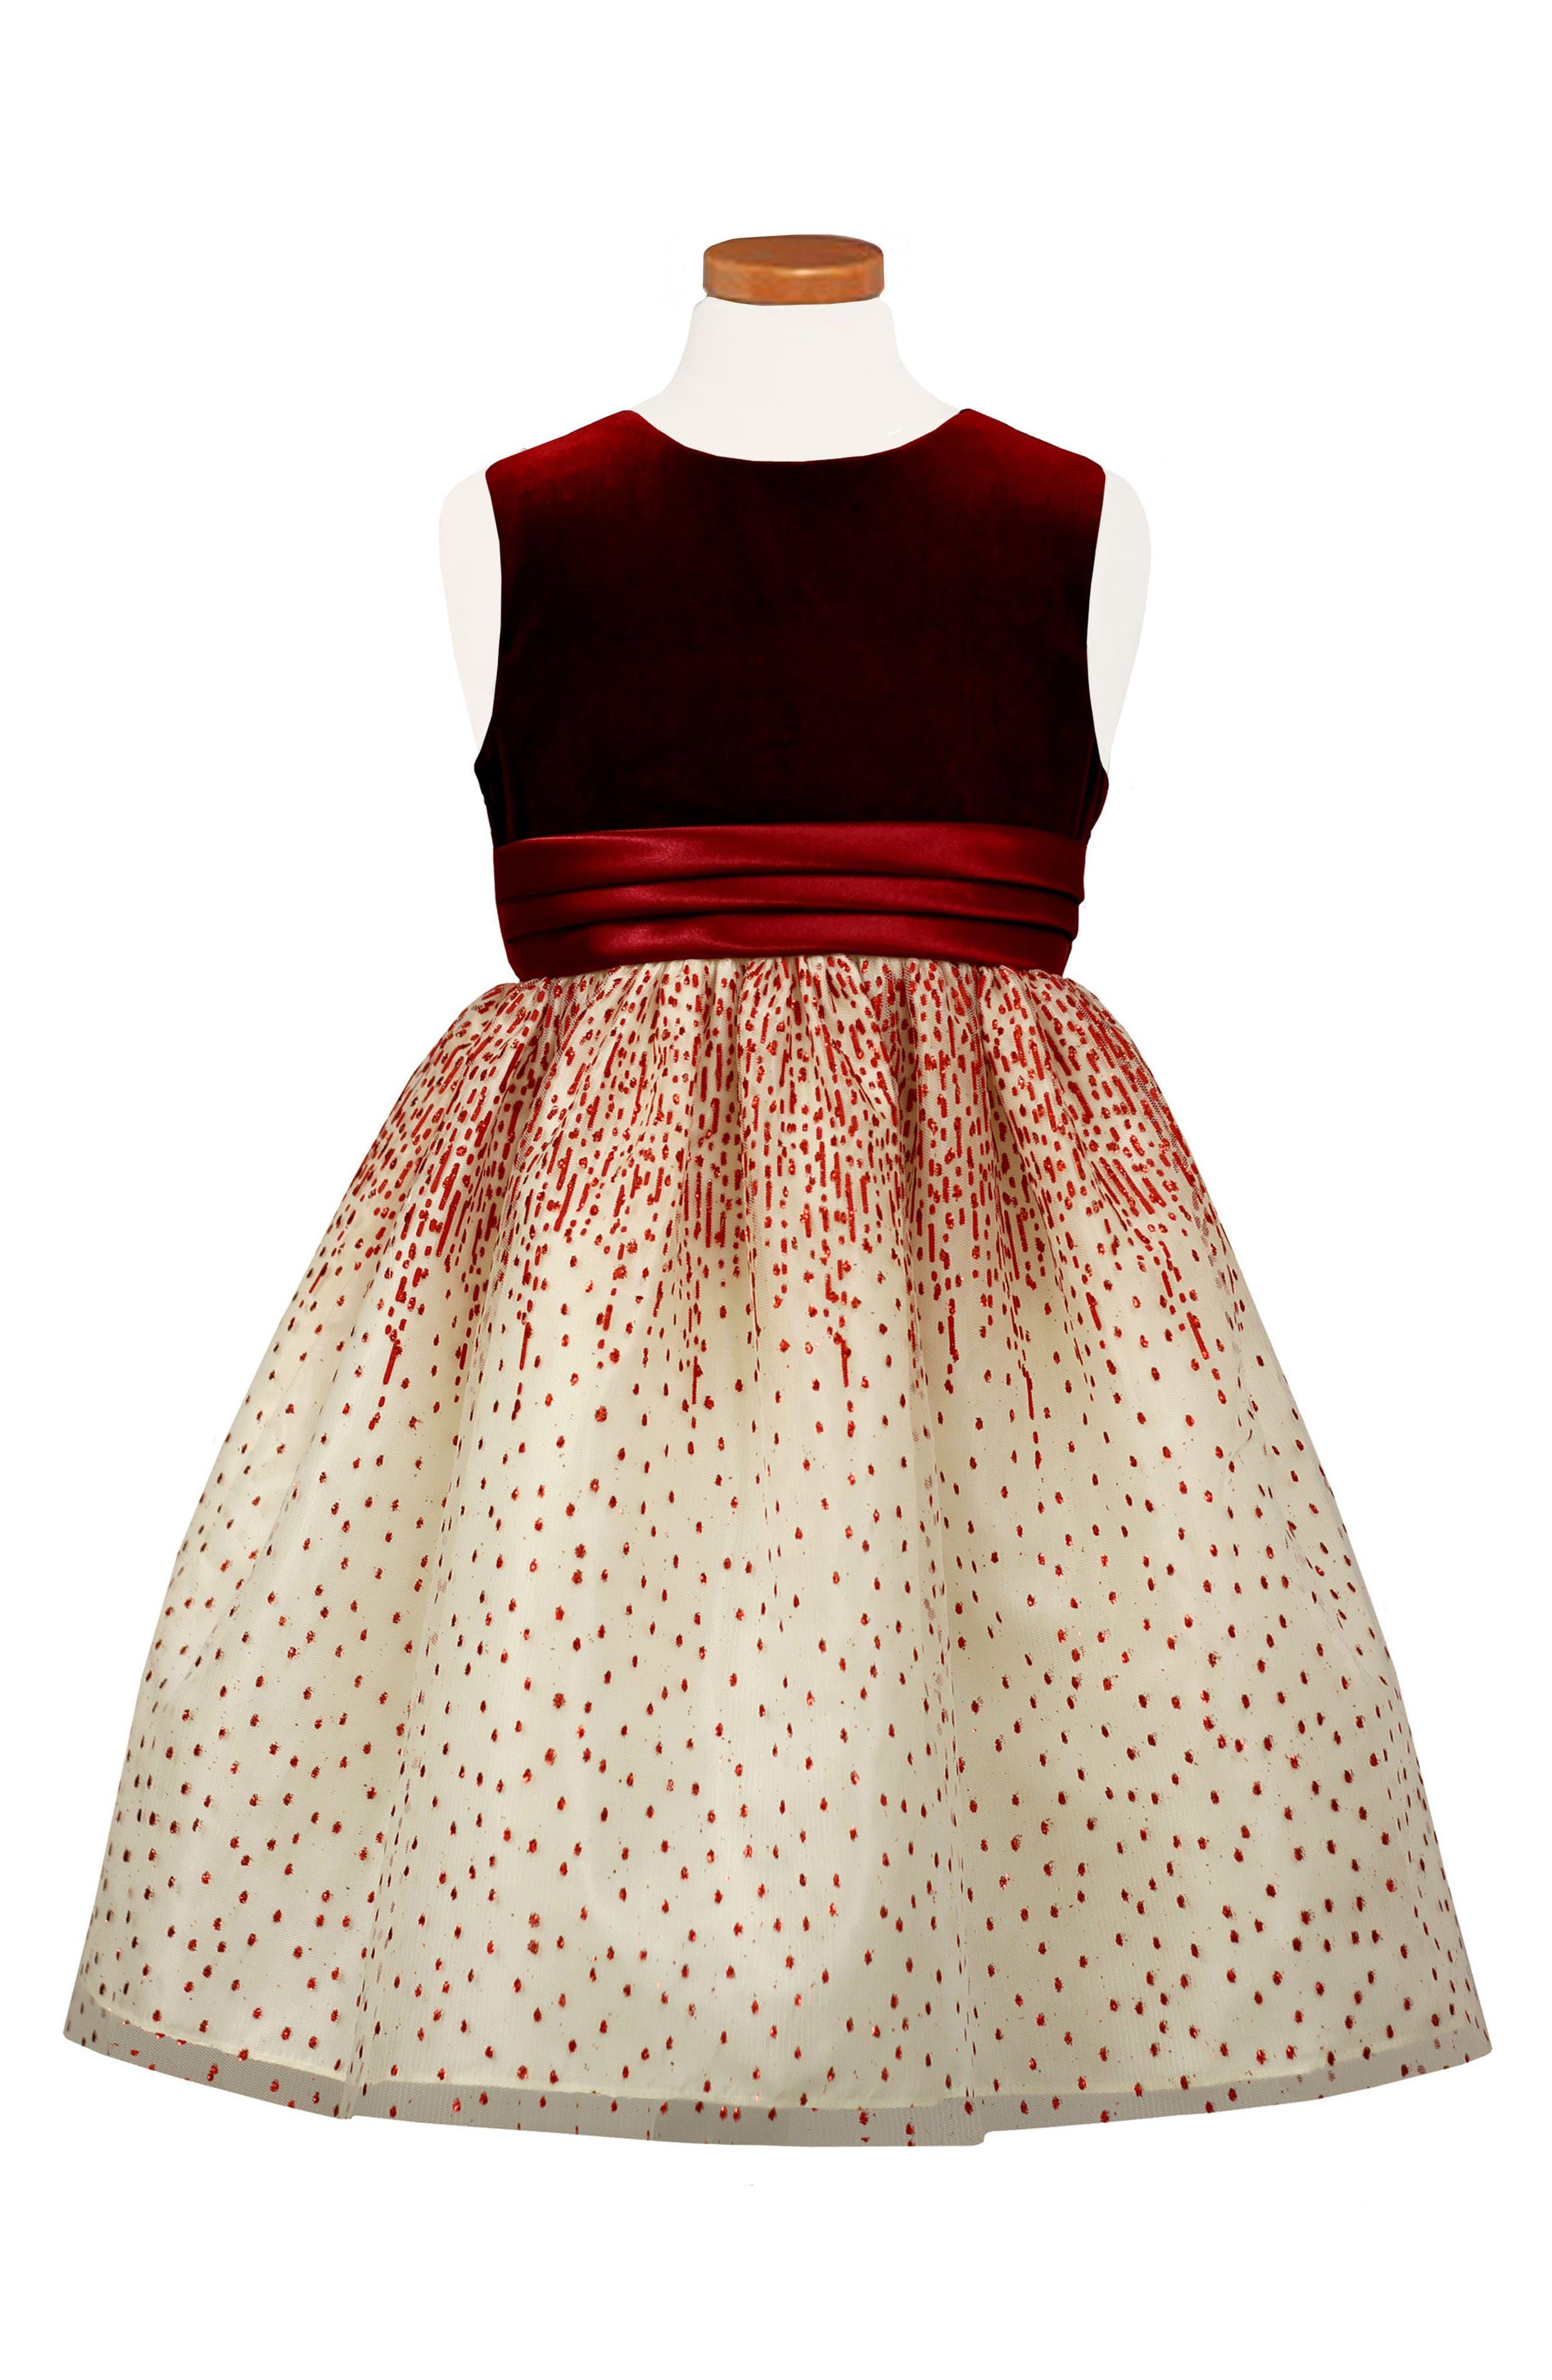 Alternate Image 1 Selected - Sorbet Velvet Bodice Party Dress (Big Girls)